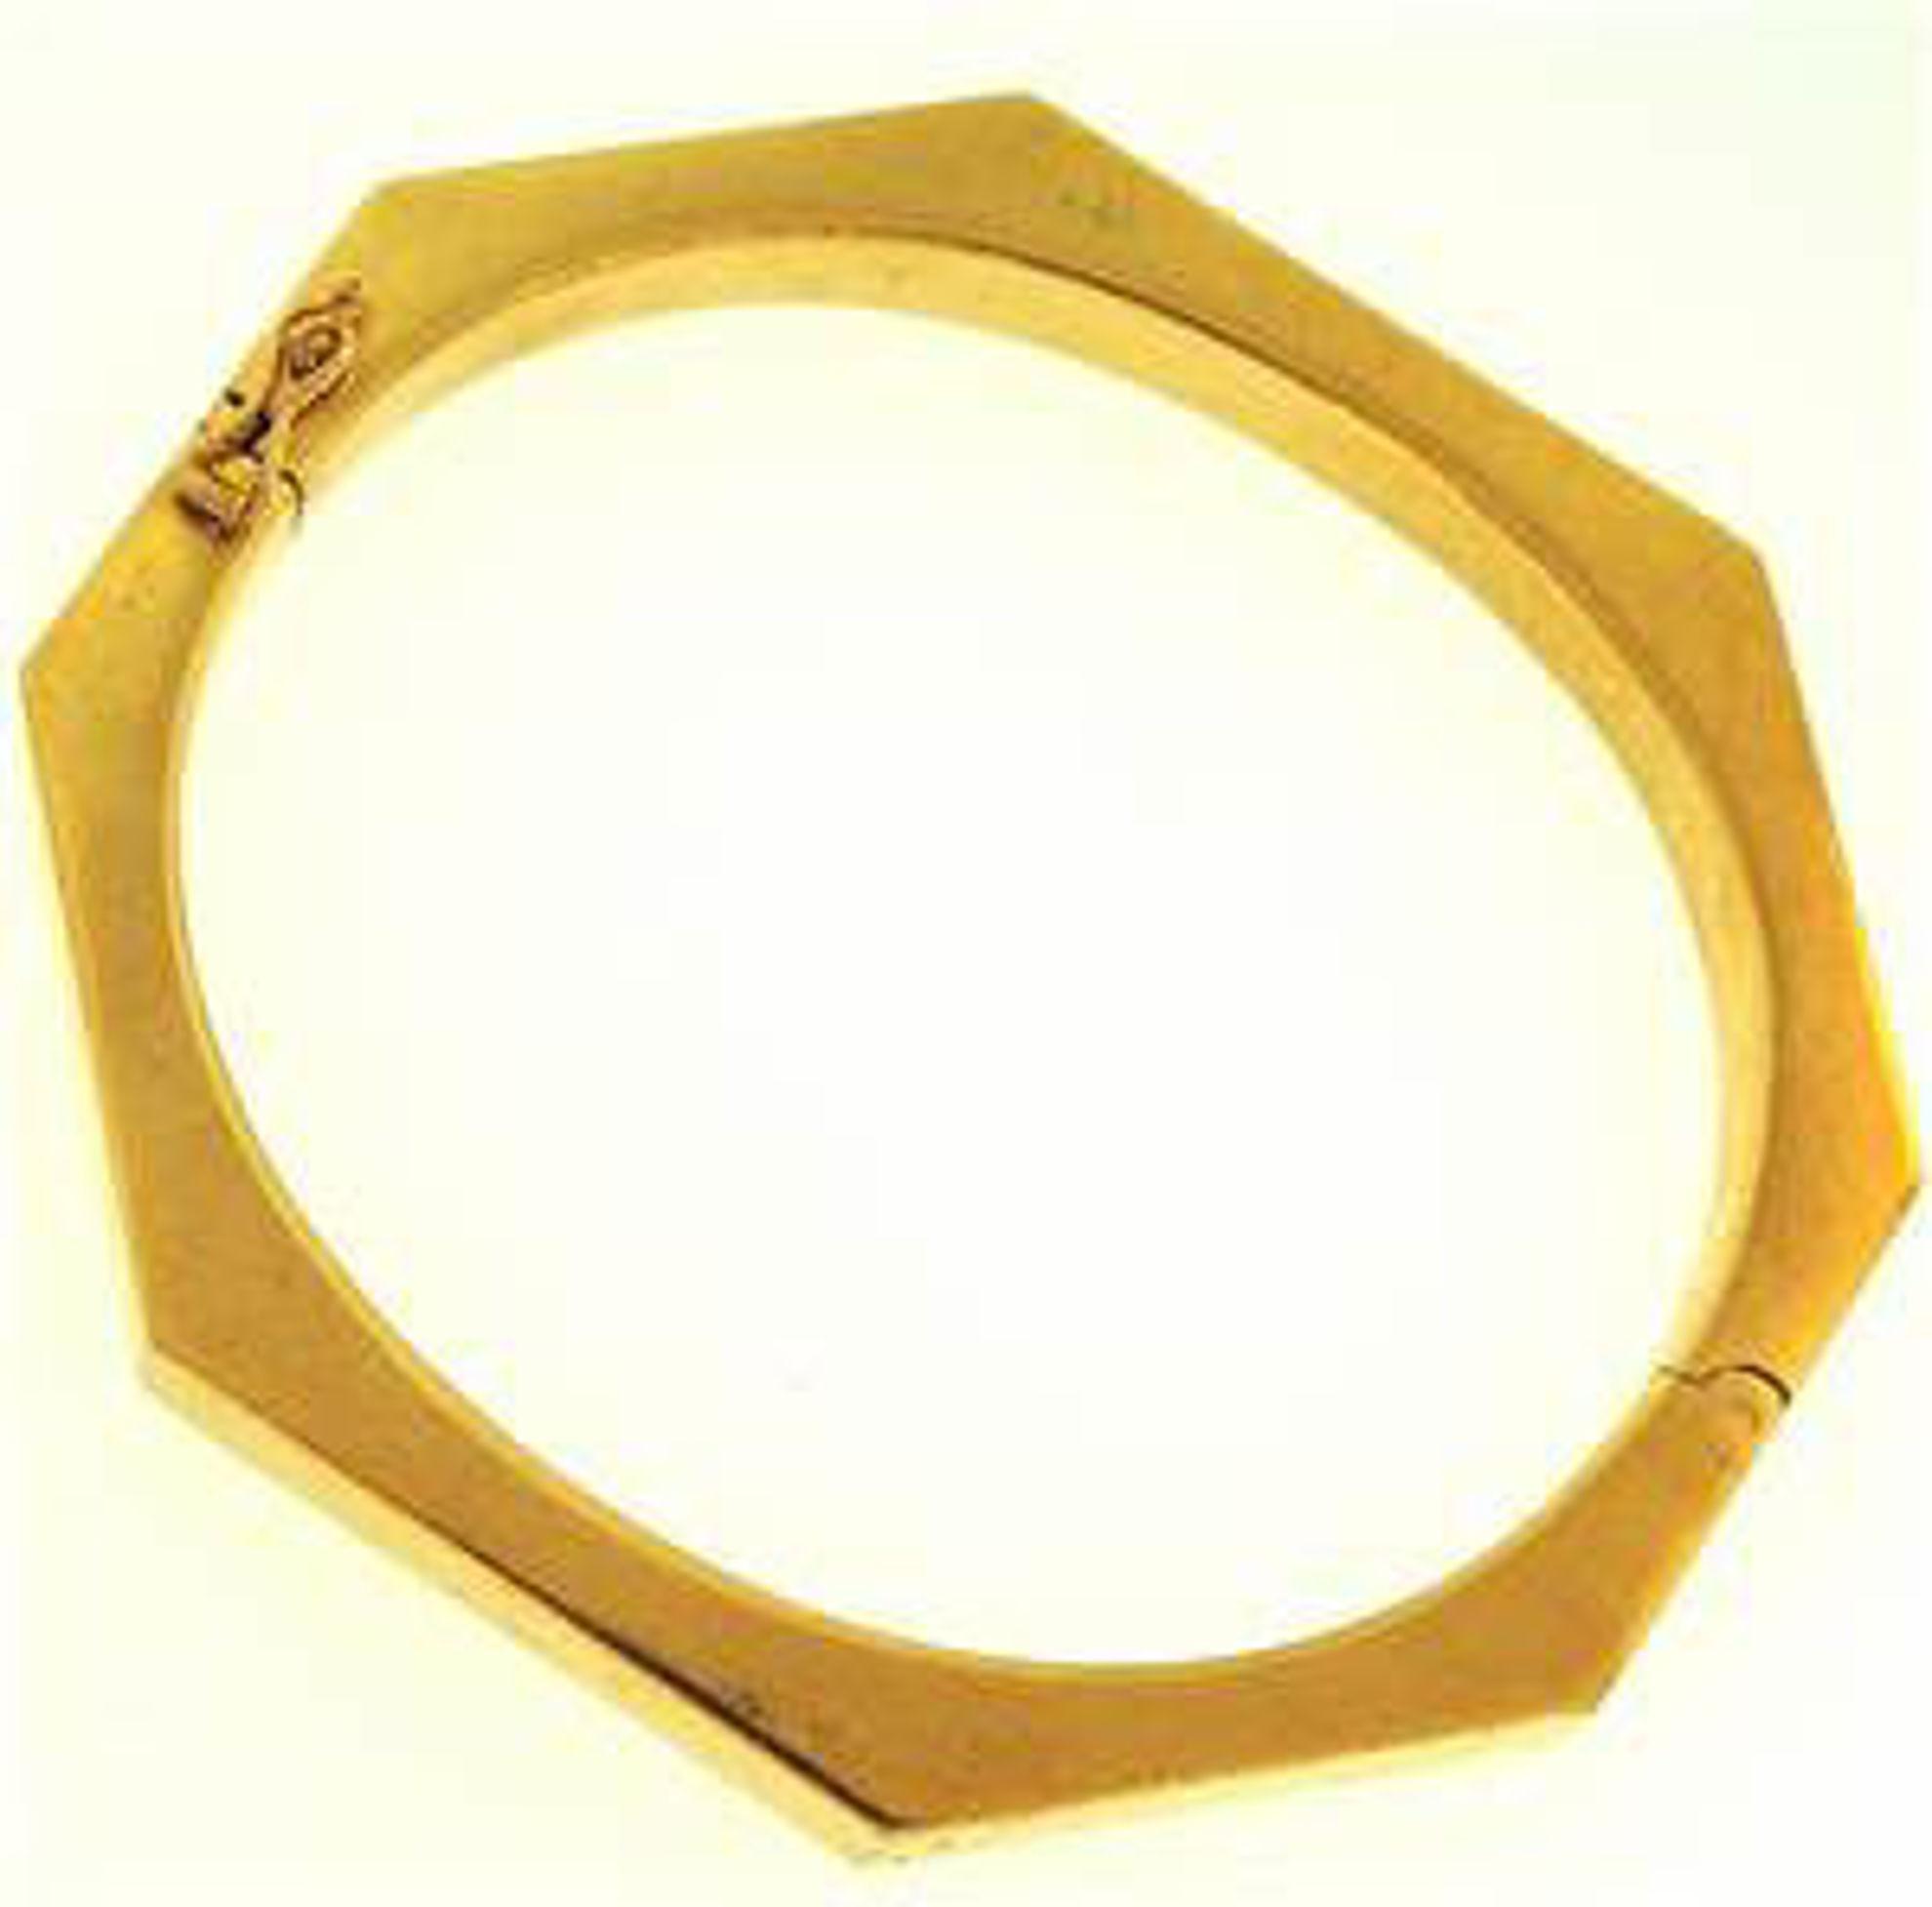 Picture of Bangle Bracelets 18kt-23.3 DWT, 36.2 Grams